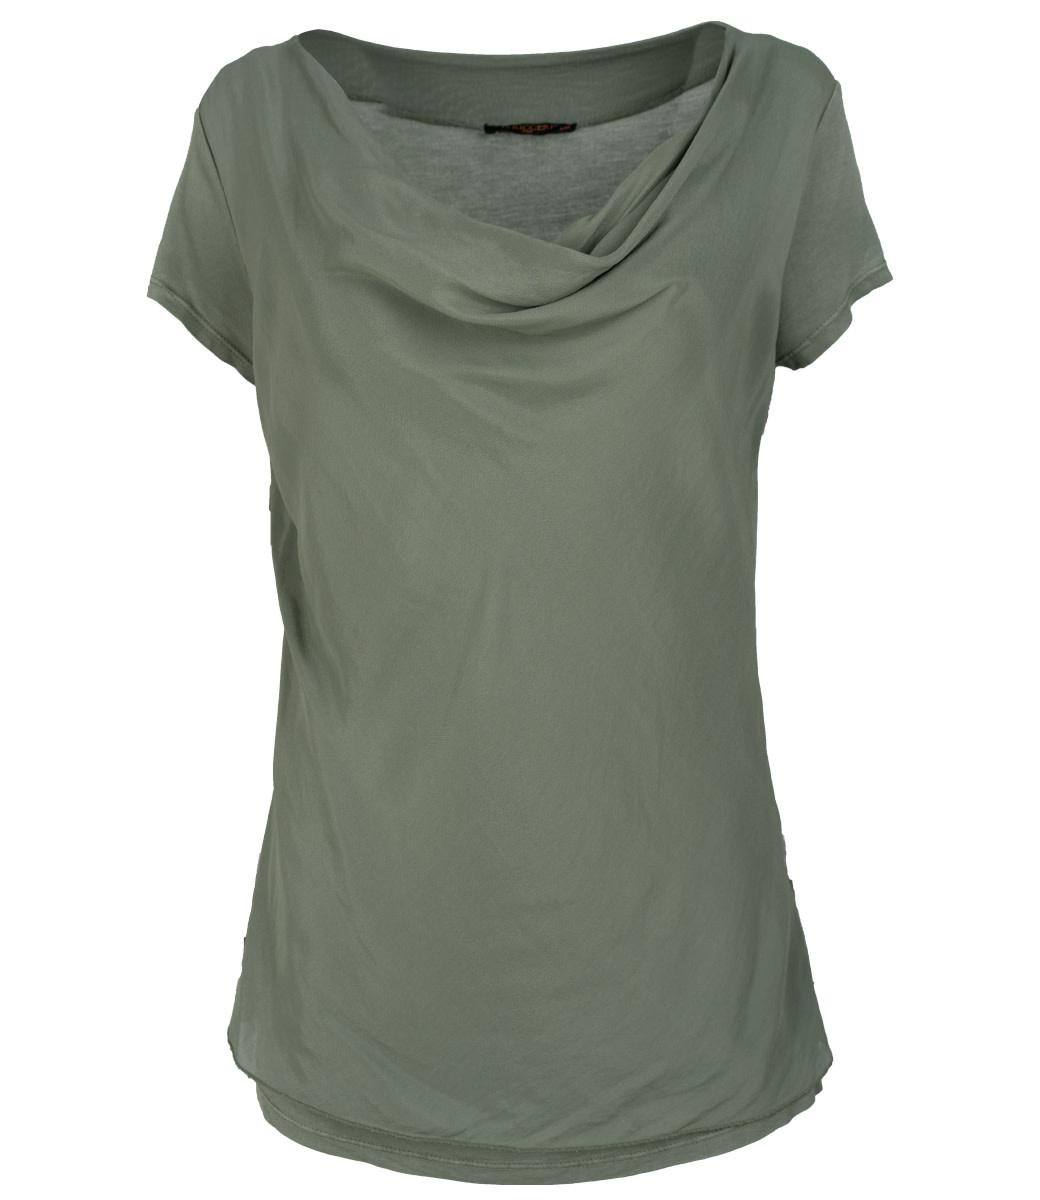 Gemma Ricceri Shirt groen Waterfall Loes